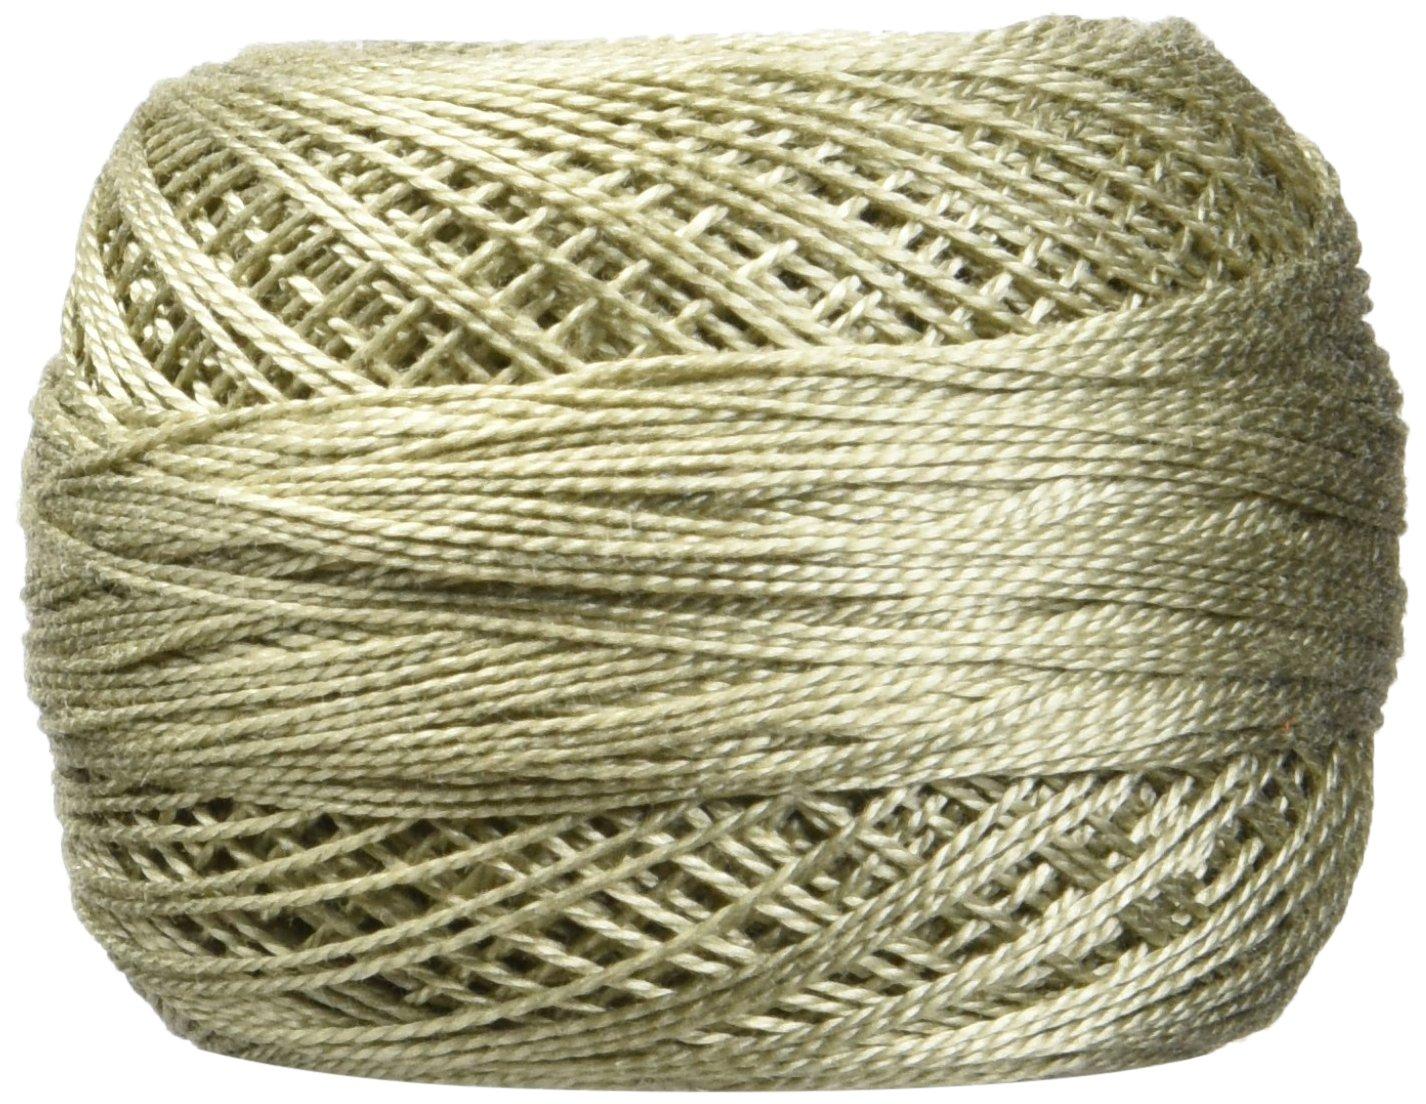 DMC 116 12-642 - Bolas de Hilo de algodón Perlado, Color Beige ...